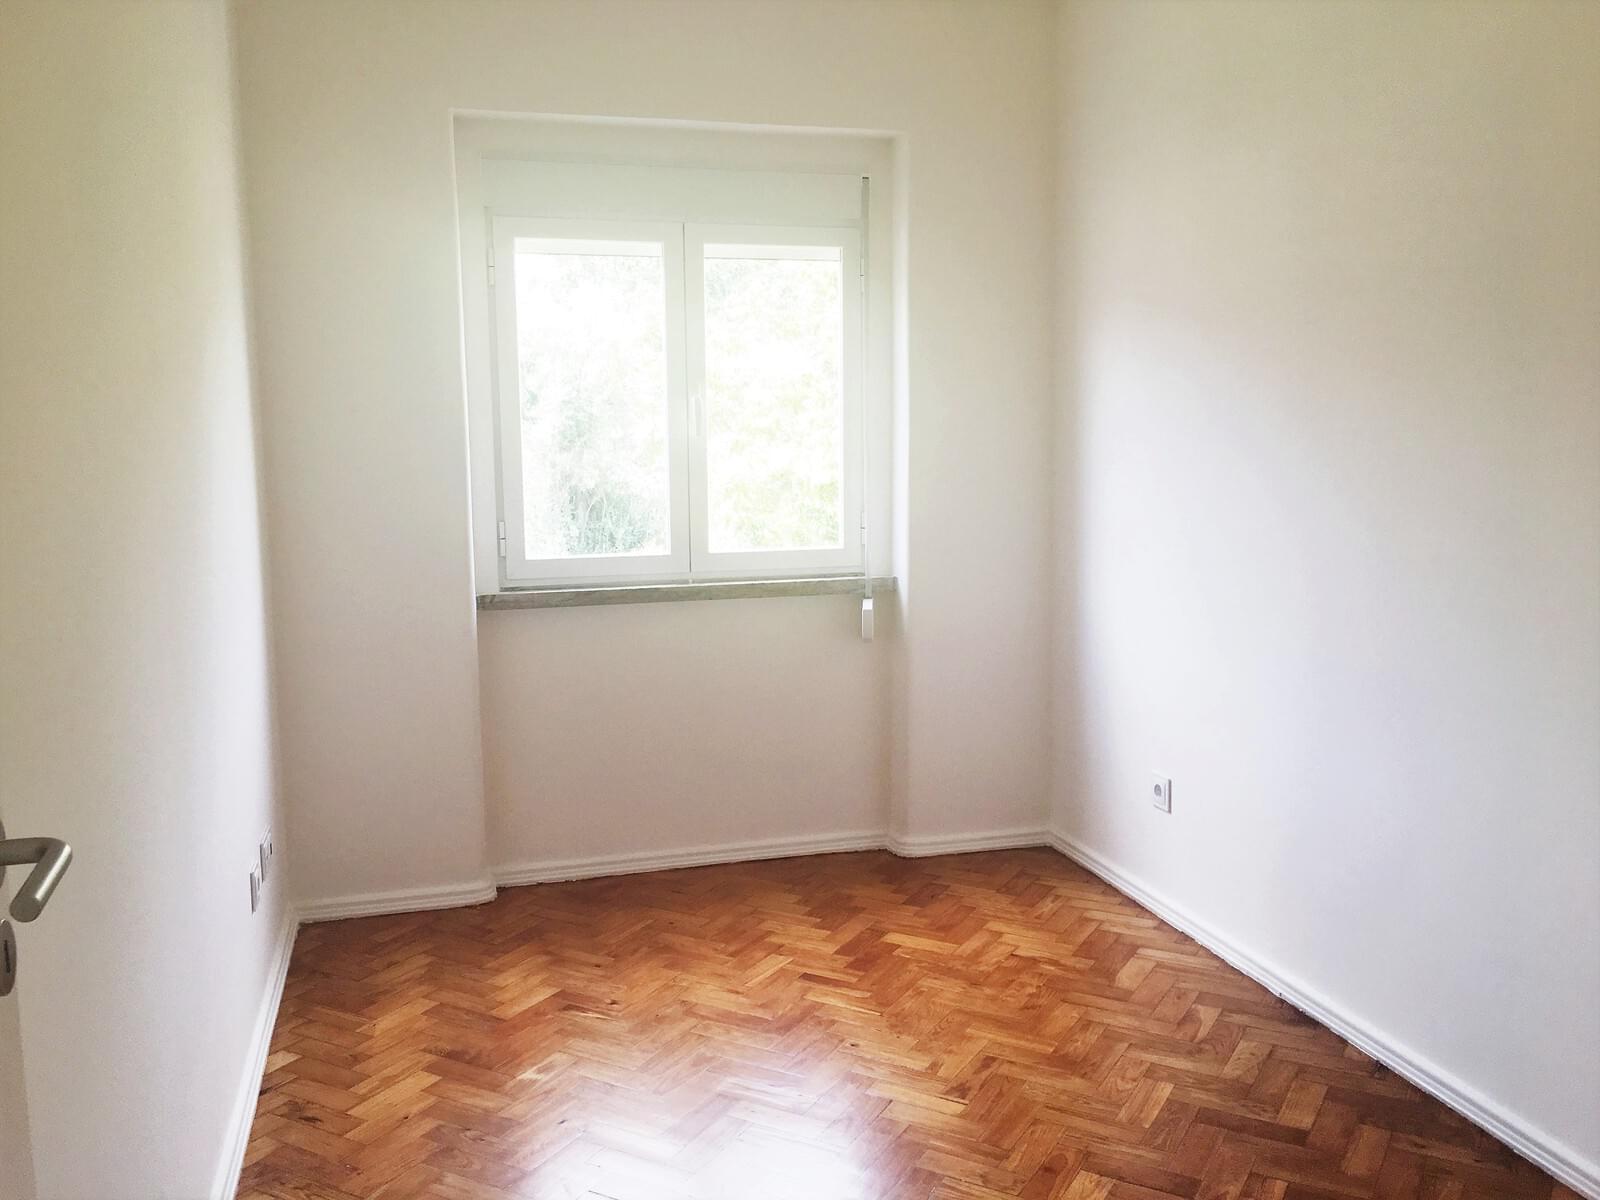 pf17642-apartamento-t3-lisboa-0e19cff5-92de-4b40-a42b-99a462f002a9